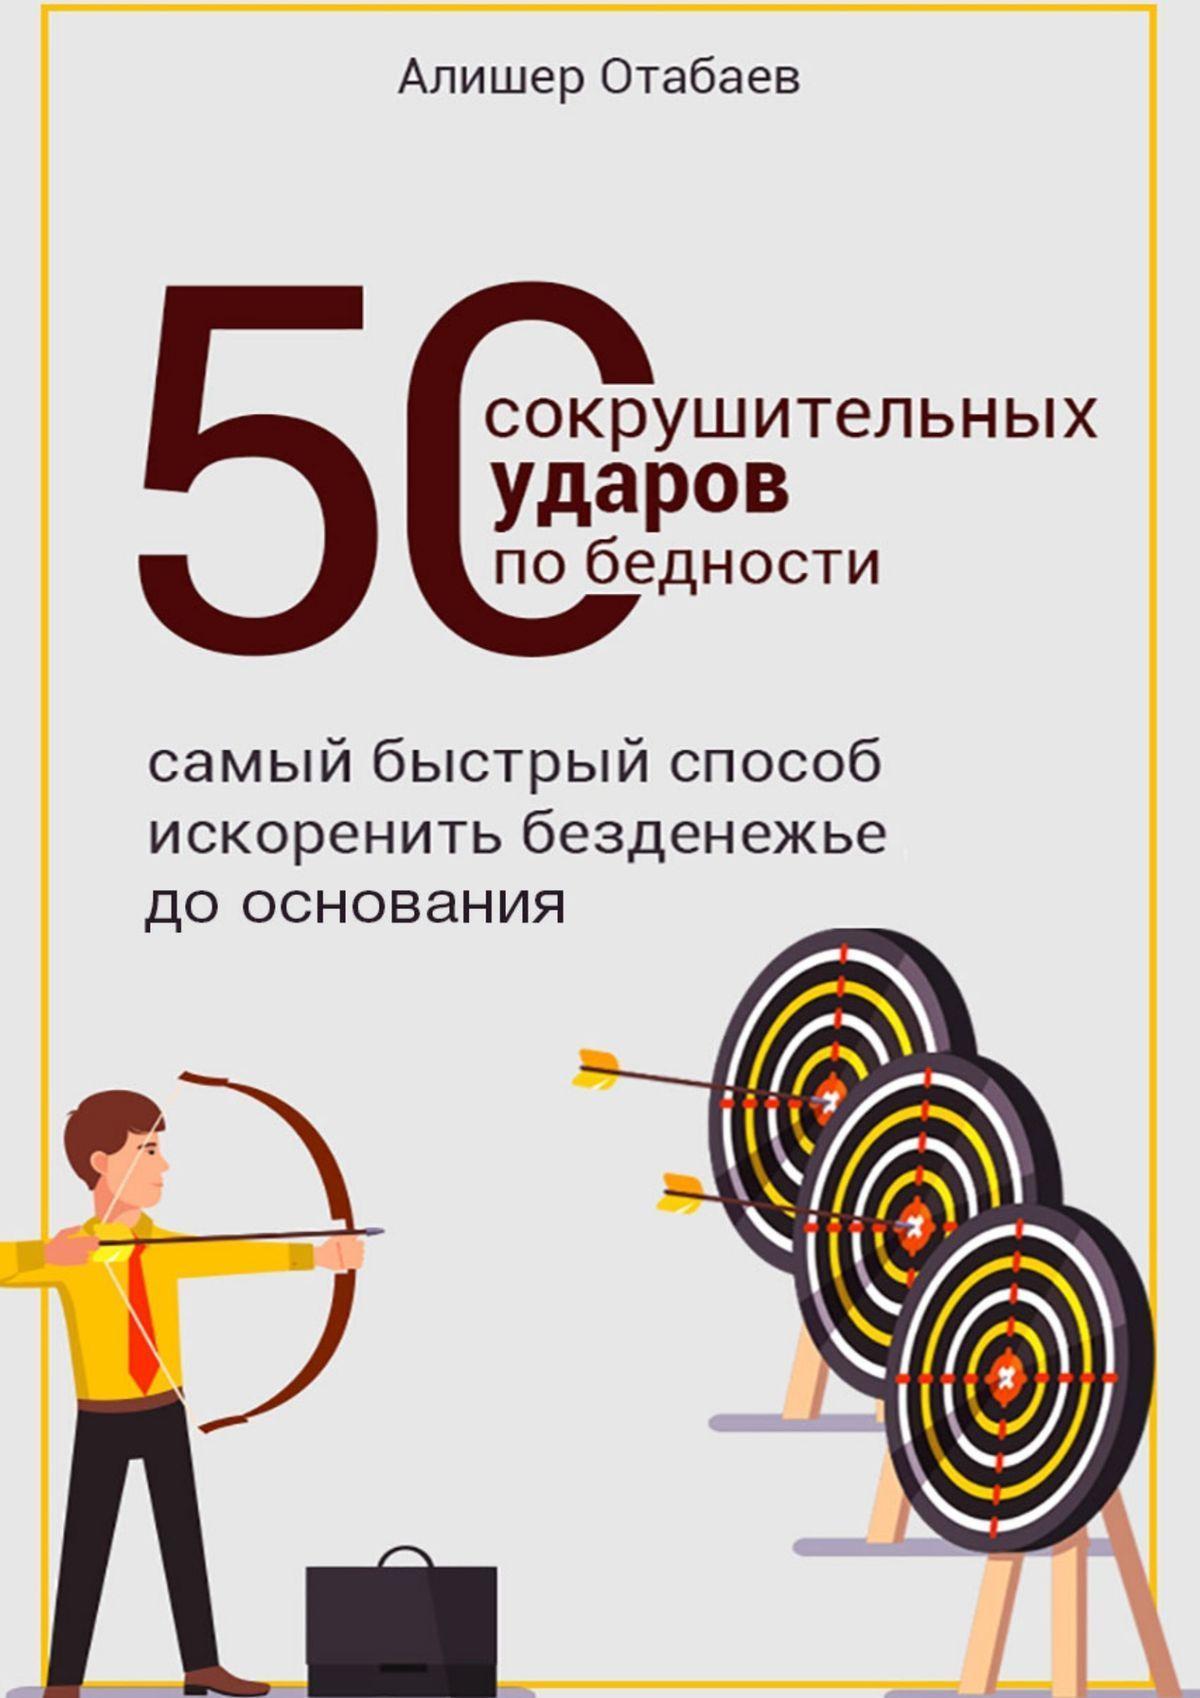 Обложка книги. Автор - Алишер Отабаев